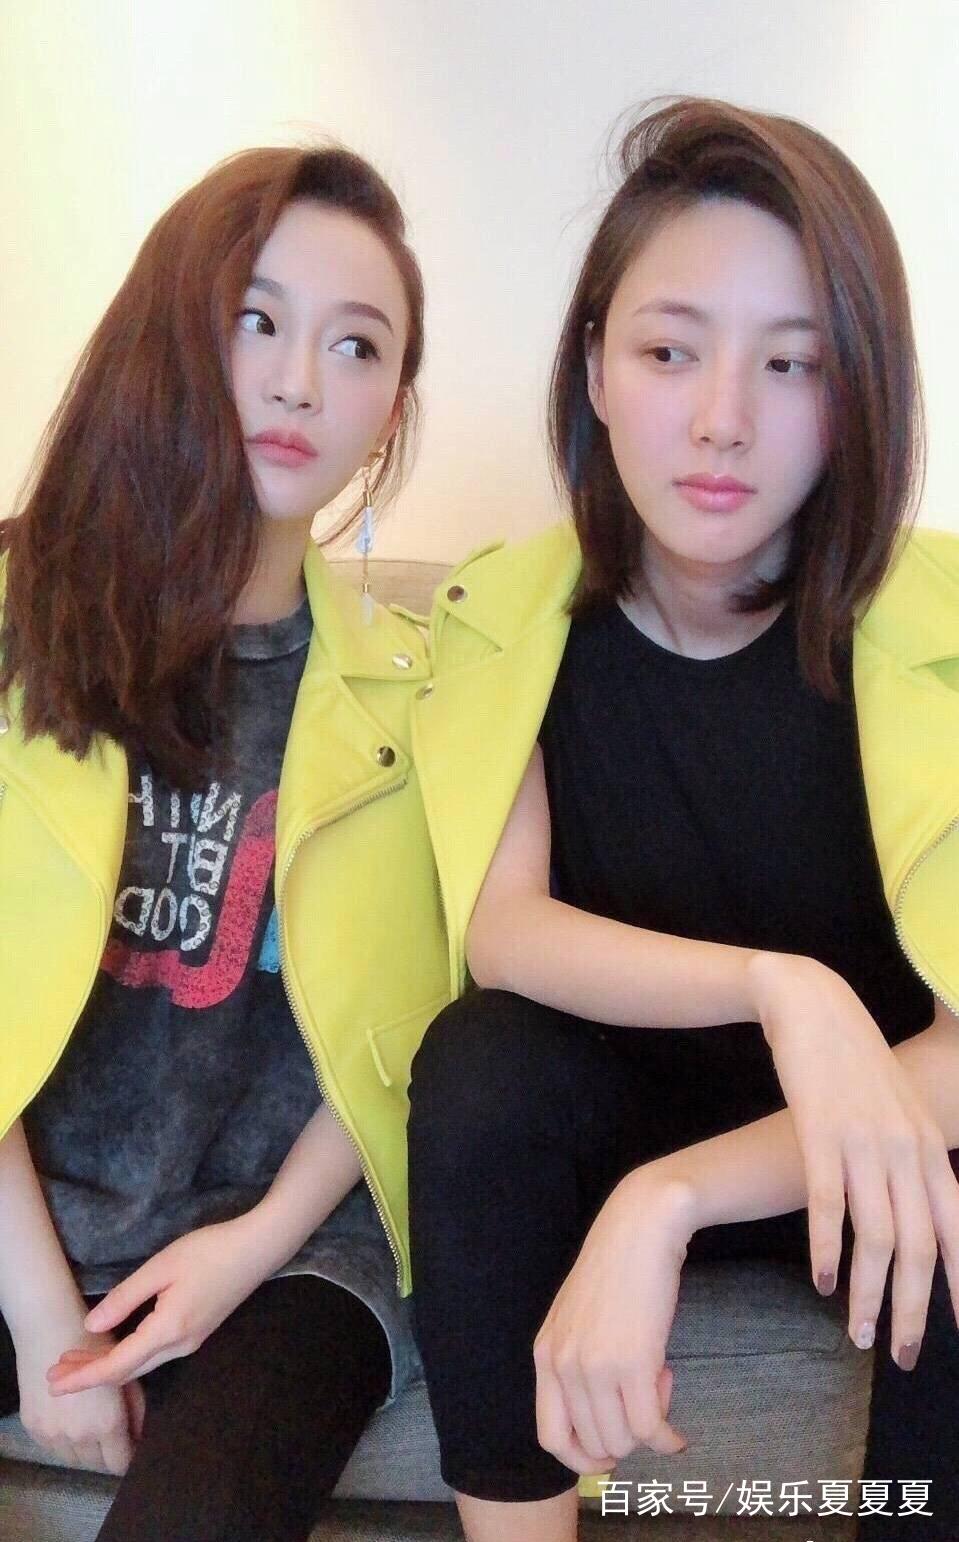 美高梅4858.com